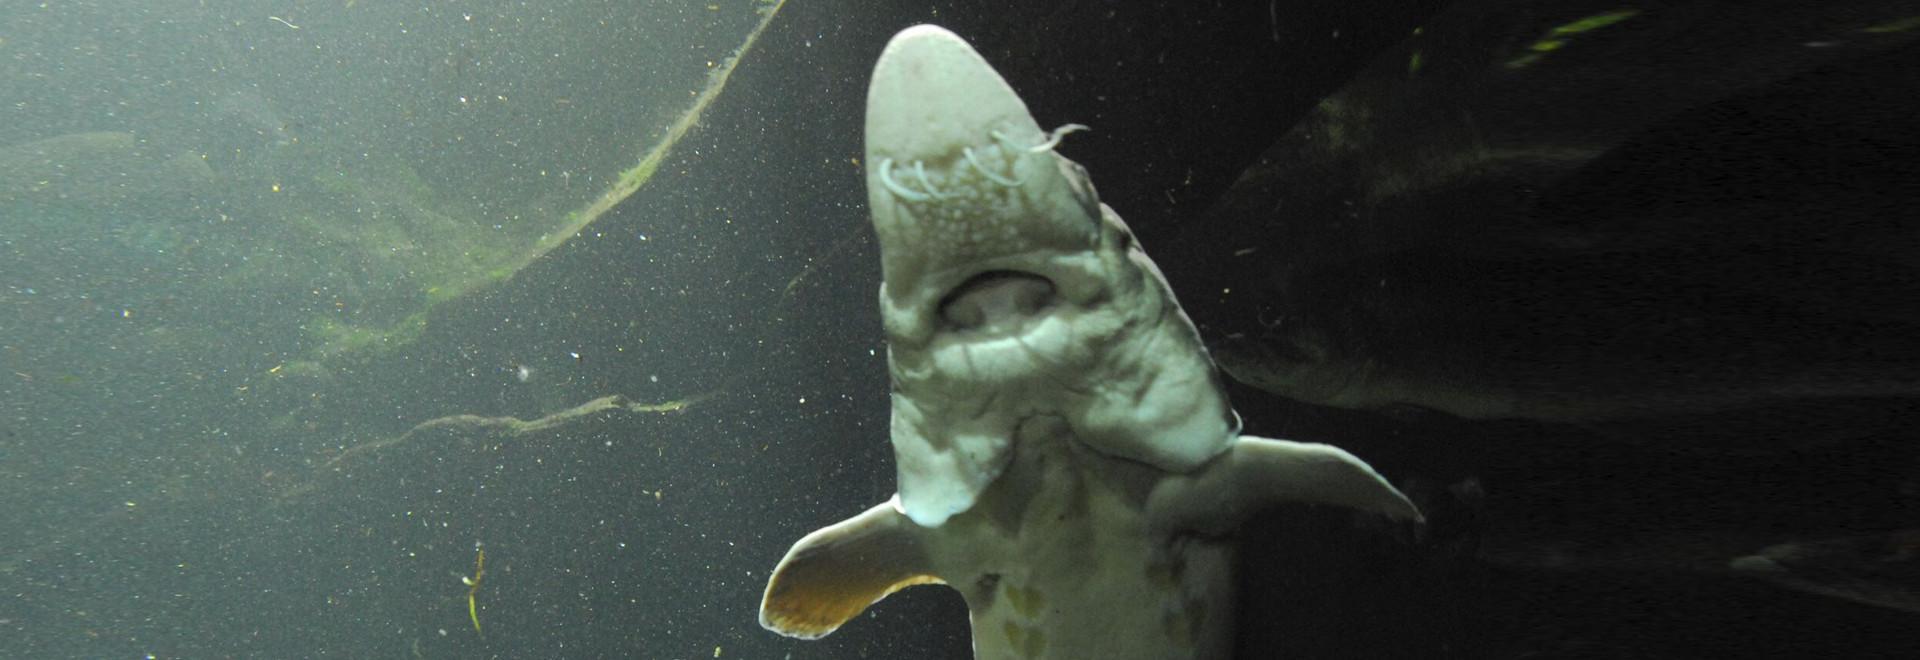 Anguille giganti